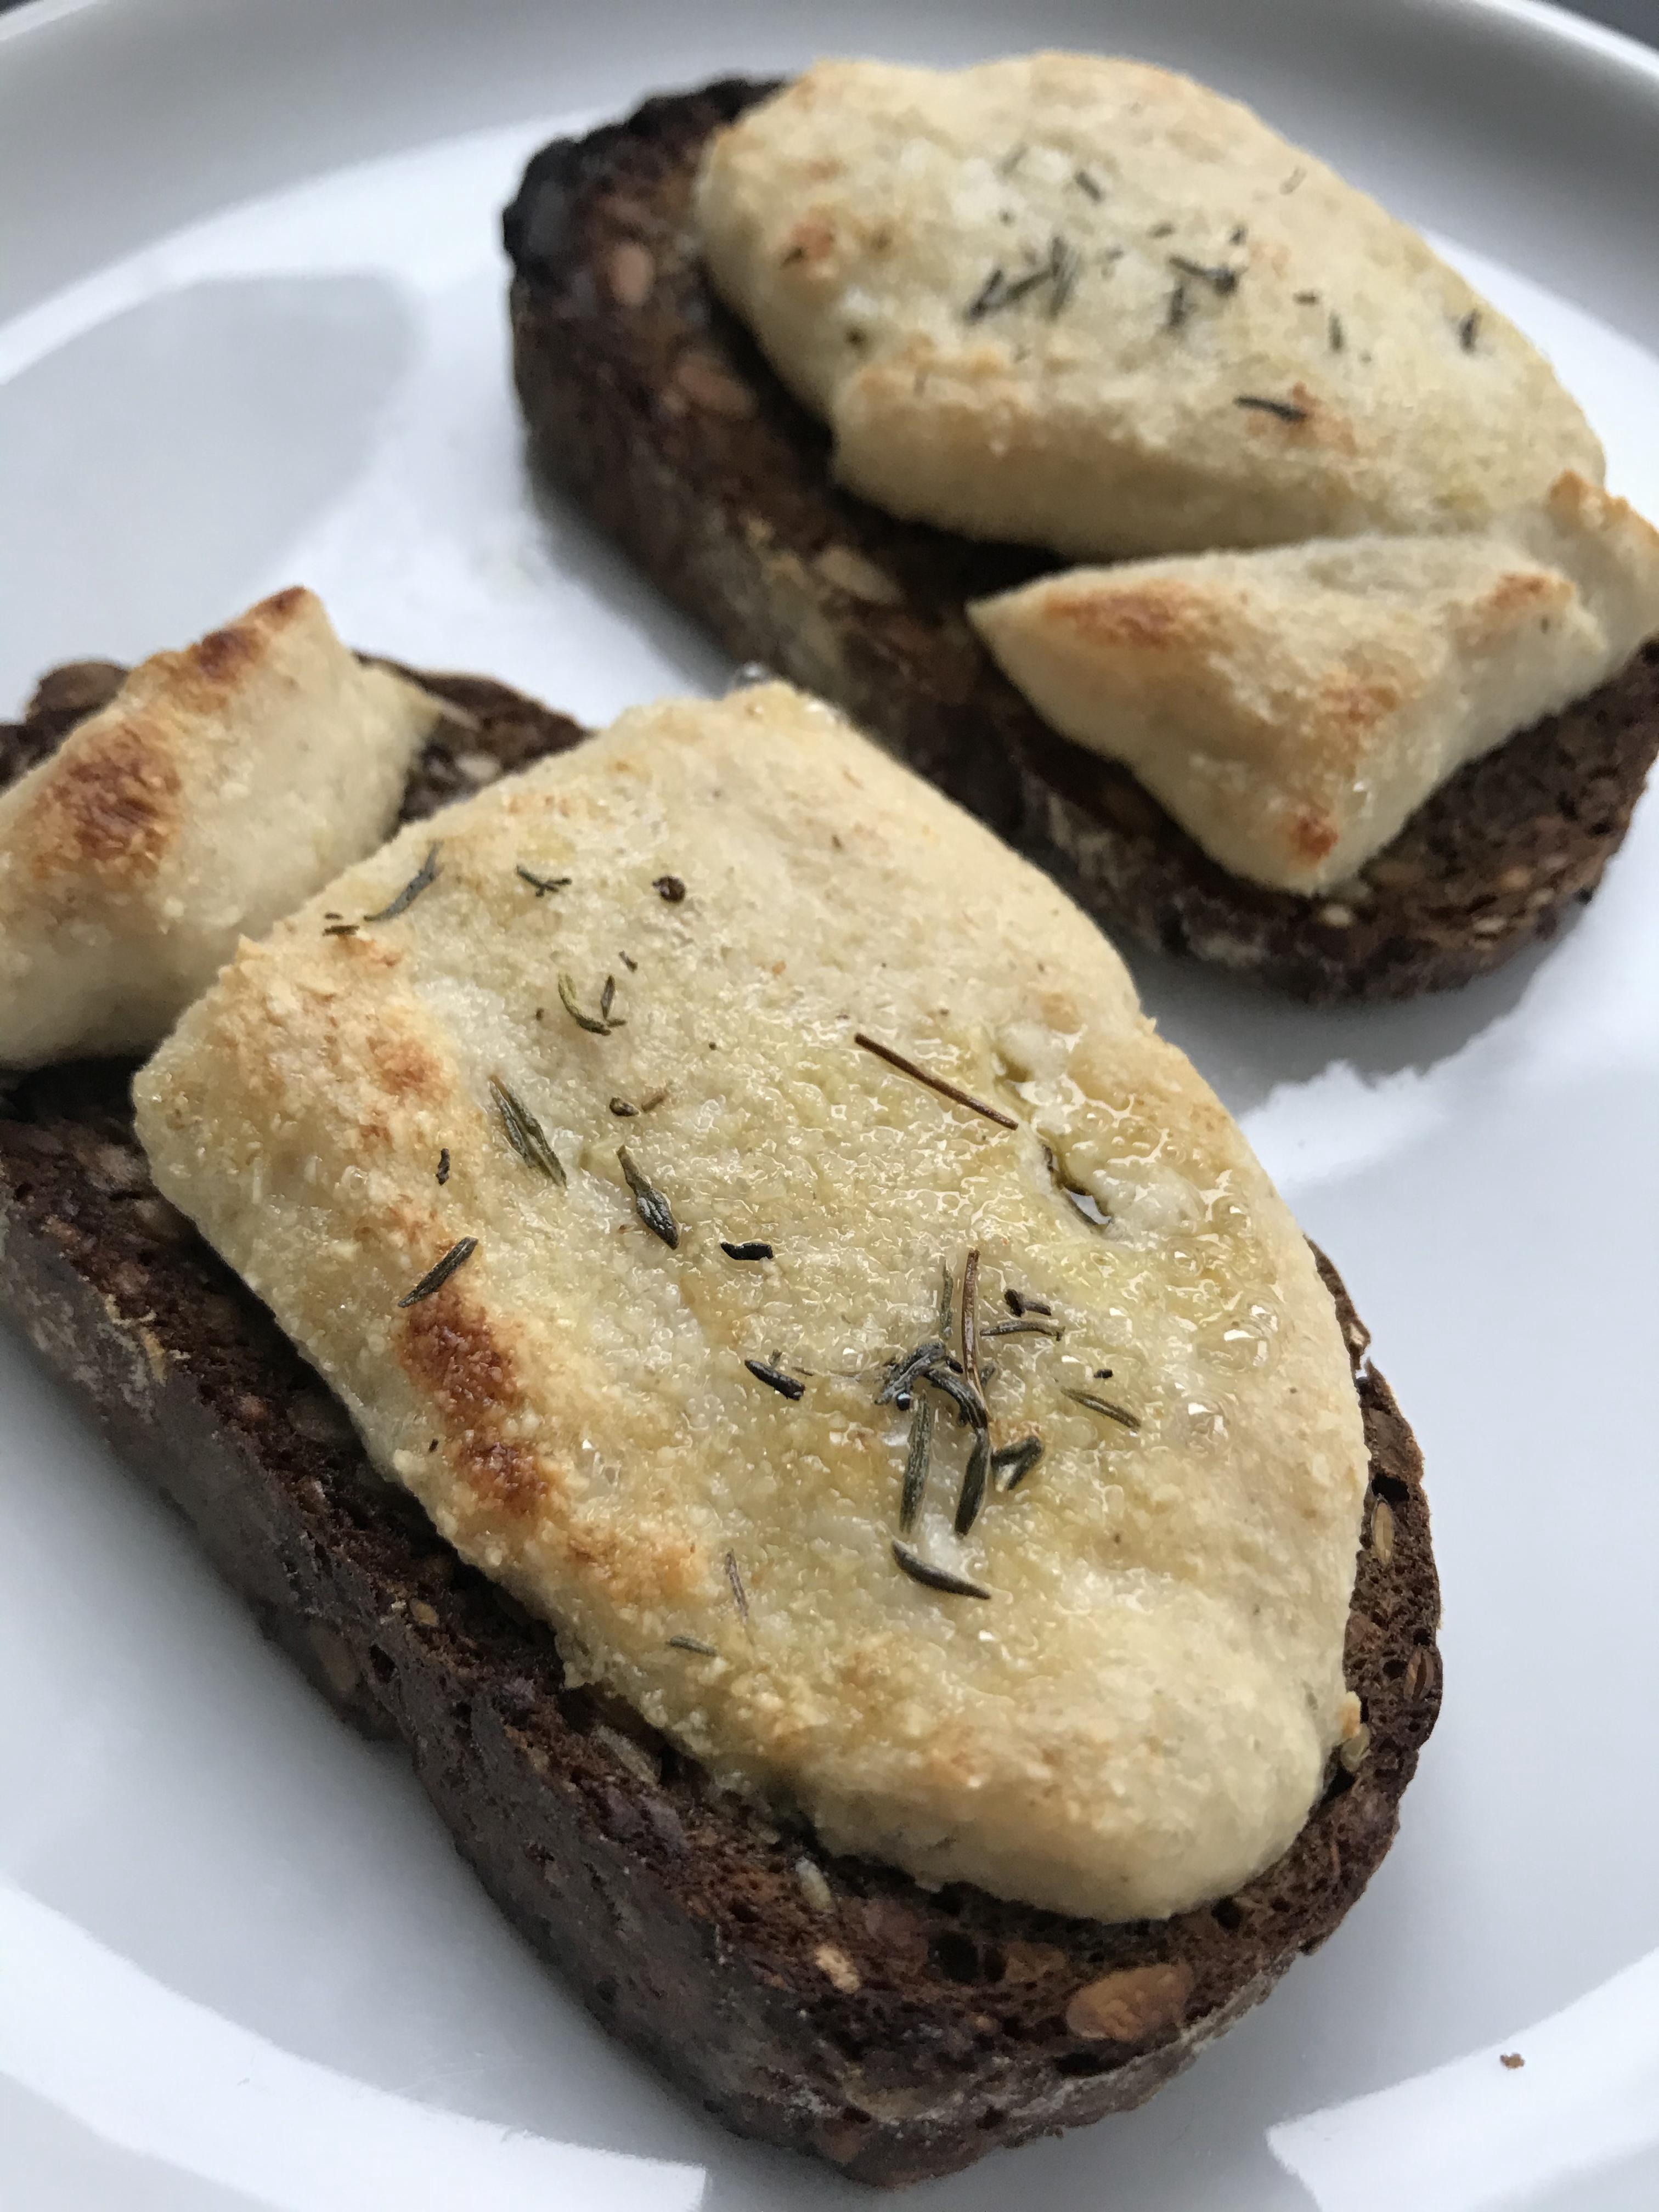 ook lekker gegrild op toast (met tijm en een likje olijfolie)